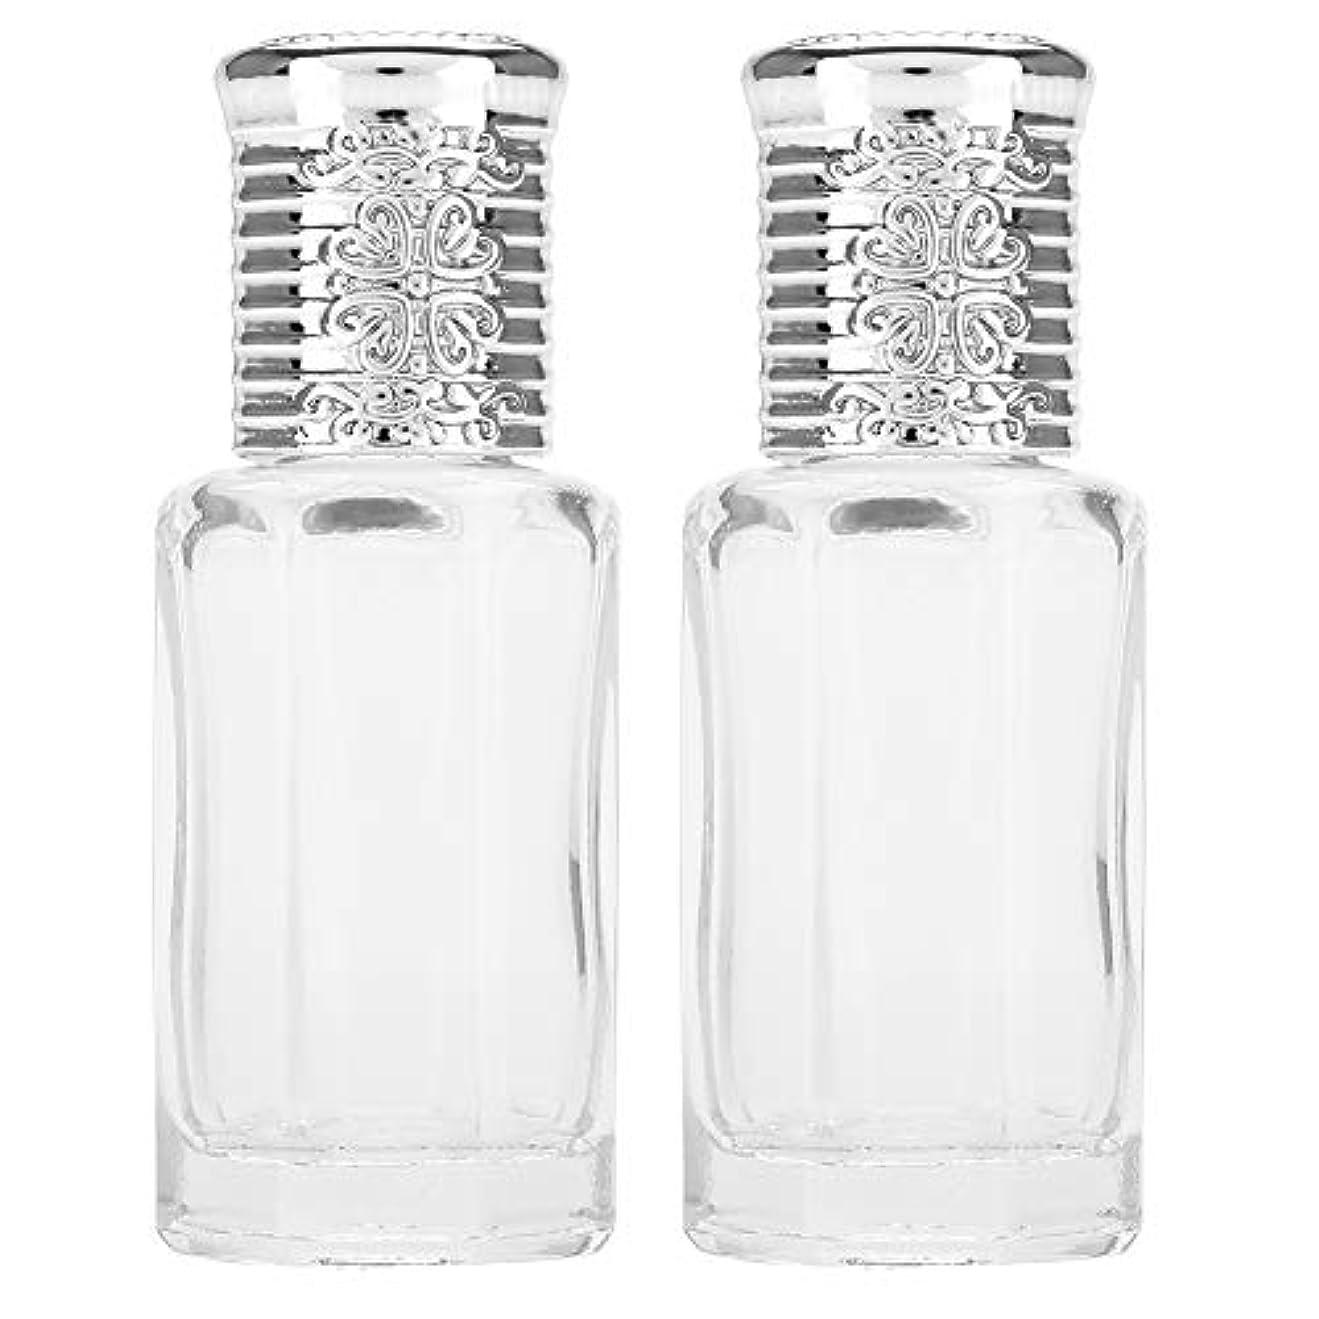 パール蓄積する馬鹿げた2枚ガラスローラーボトル 香水、エッセンス、液体物質などのスキンケア製品の保管 ミニローラーボトル(10ML銀)